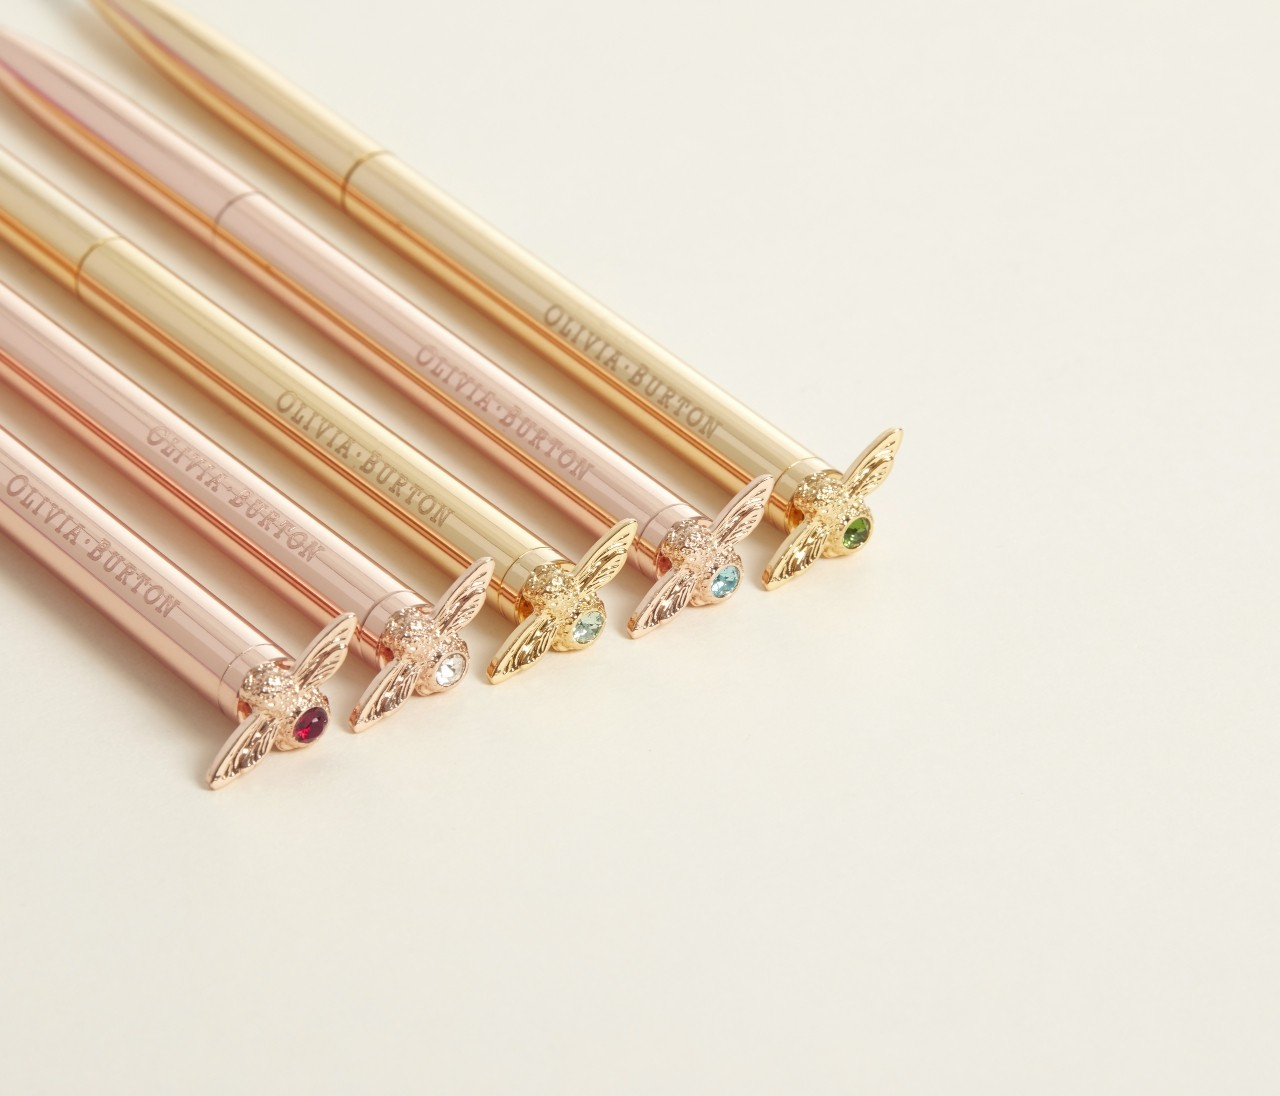 【オリビア・バートン】誕生石カラーのストーンをあしらったボールペンが発売!